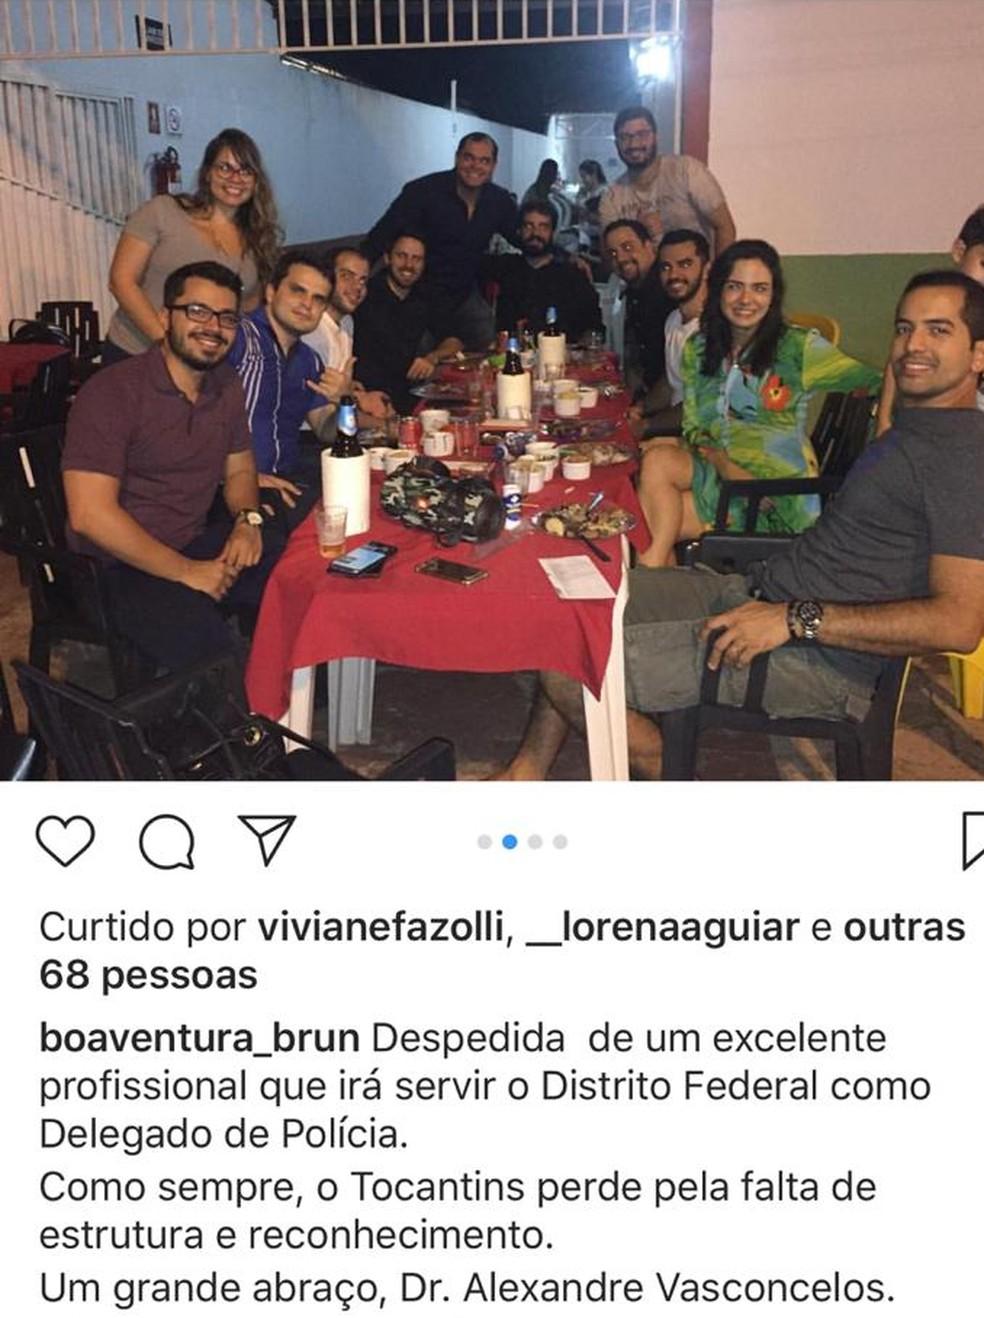 Confraternização foi realizada na noite de quarta-feira — Foto: Reprodução/Instagram